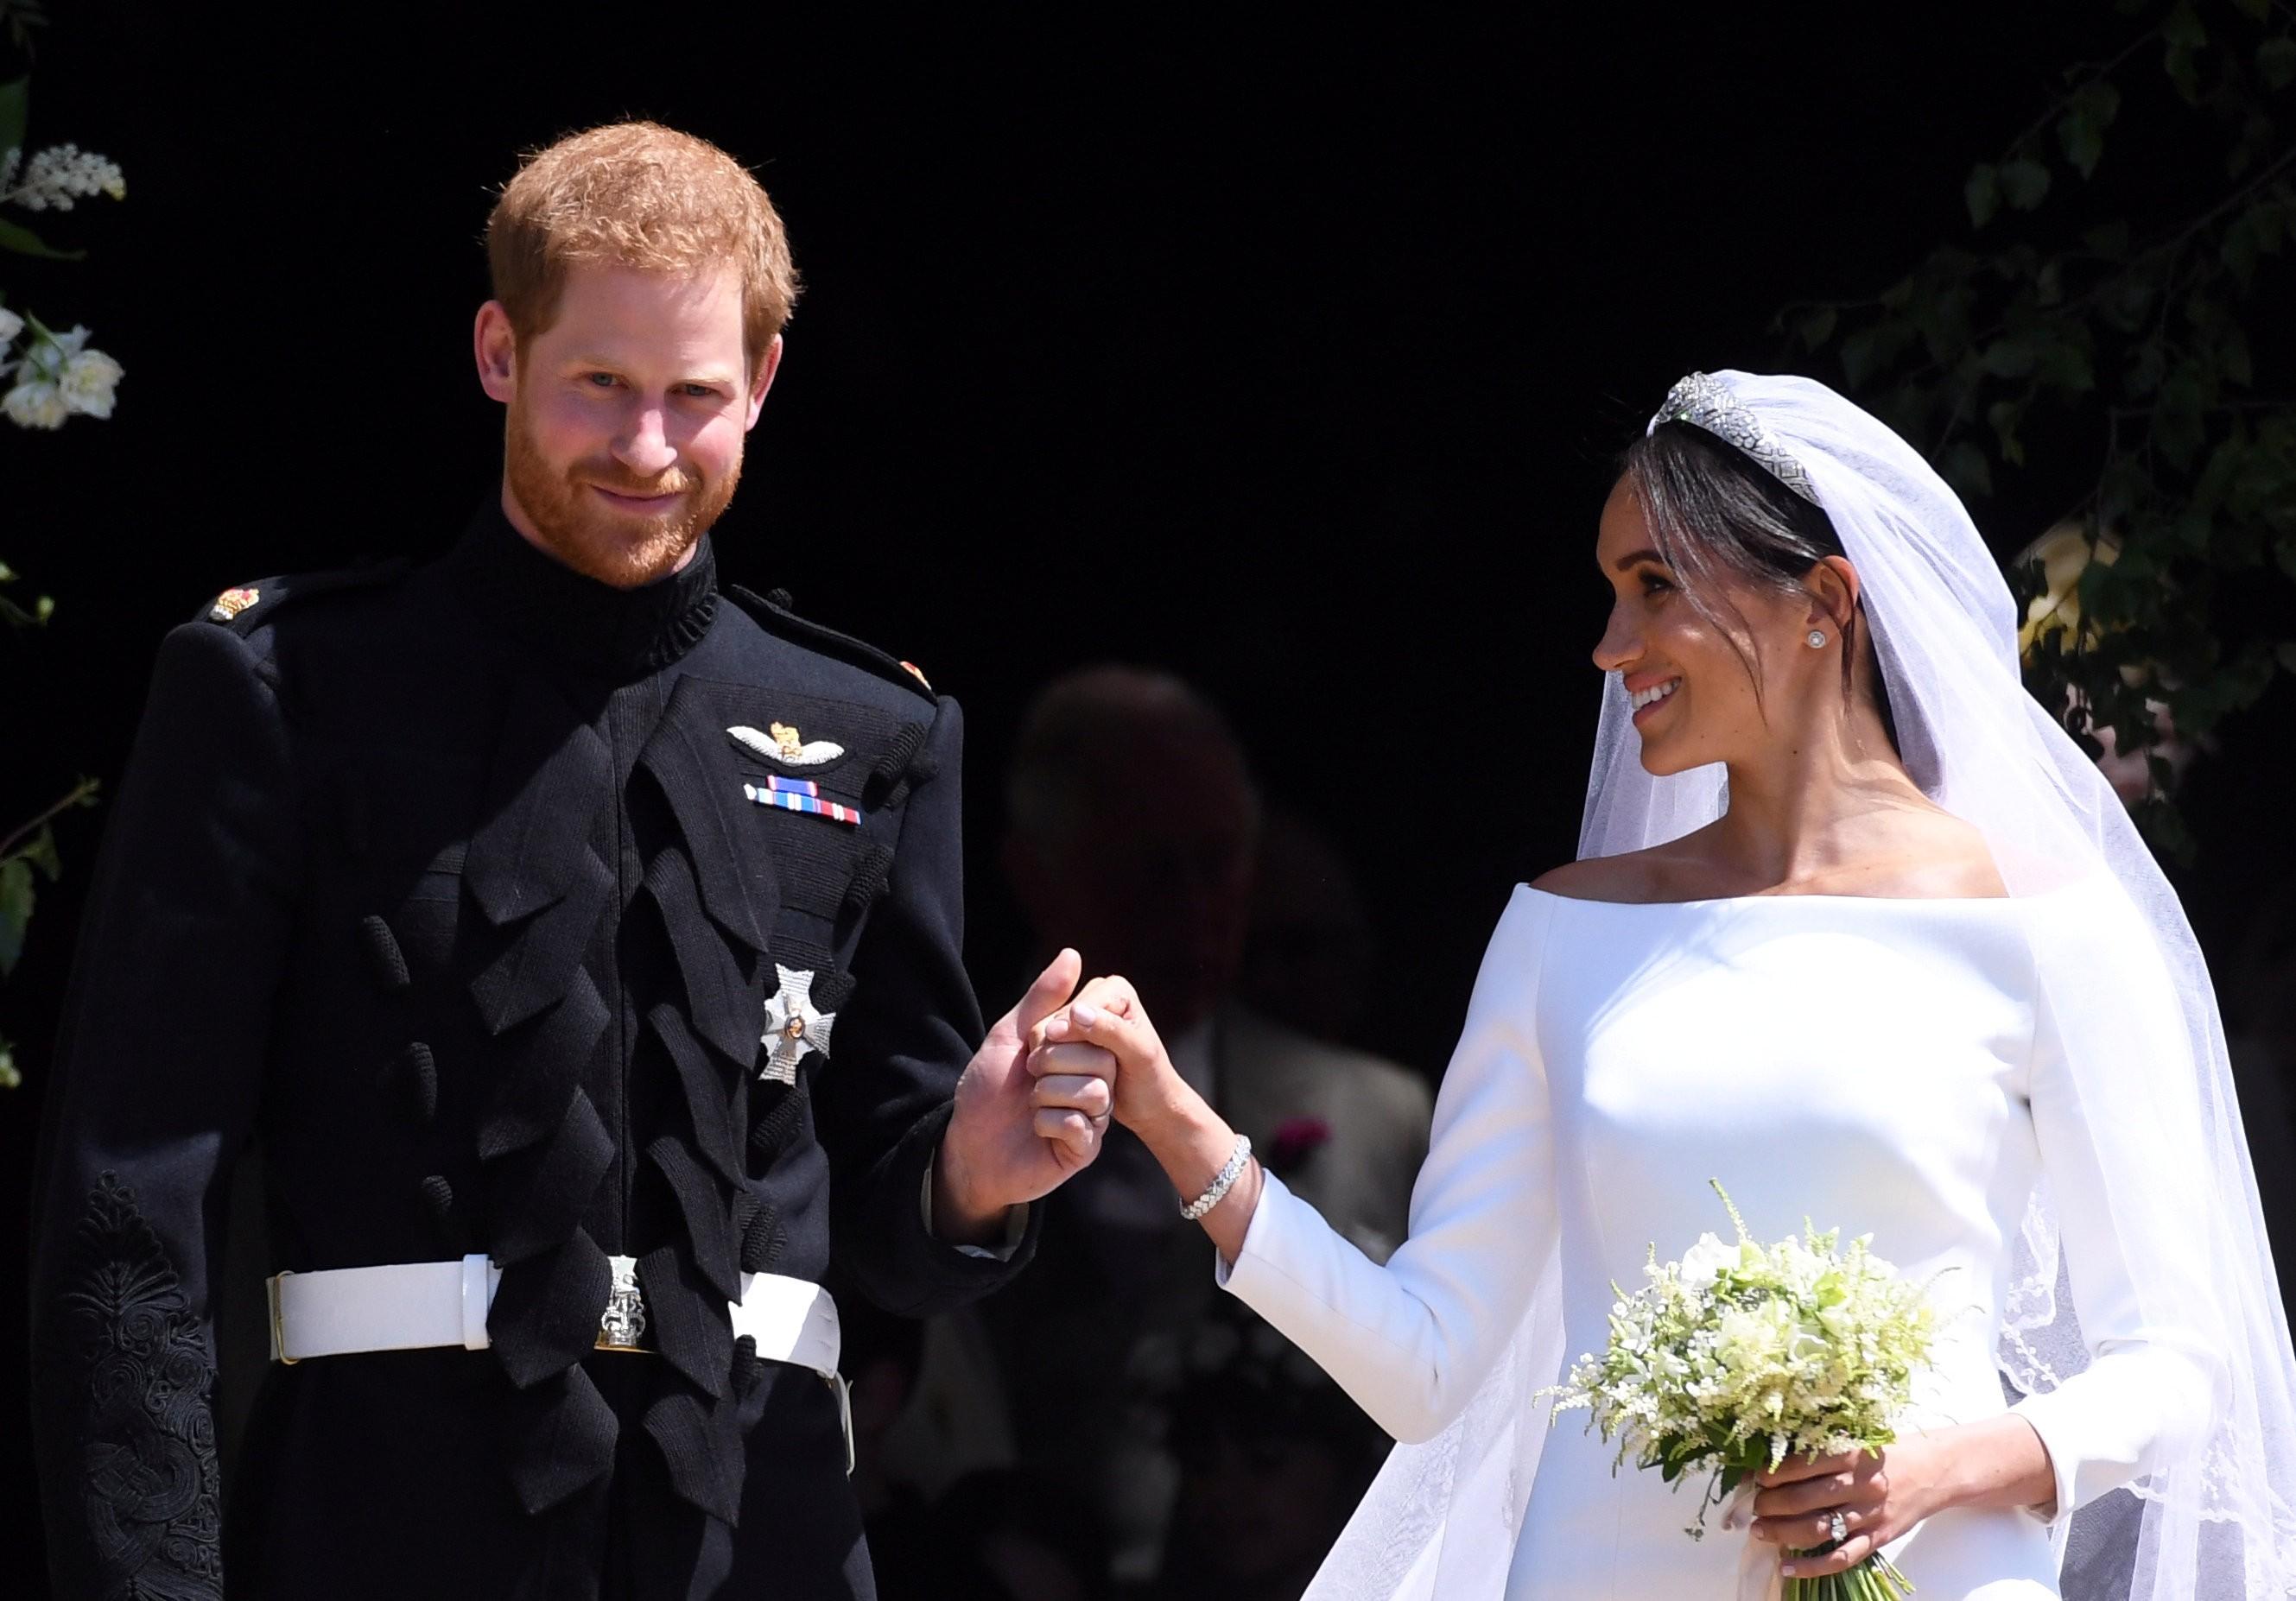 Veja a repercussão do casamento do príncipe Harry e Meghan Markle